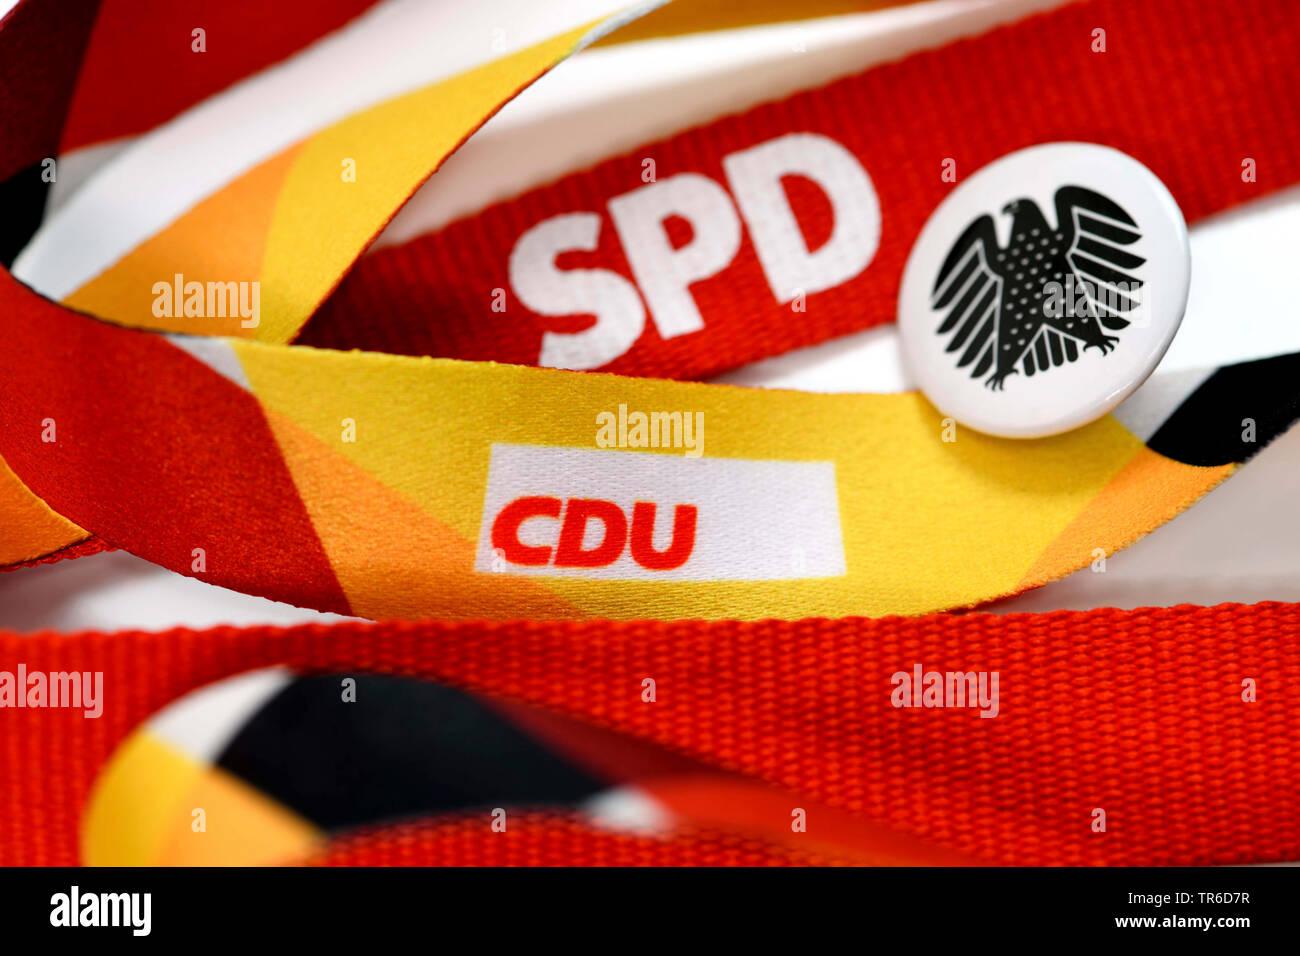 Schluesselbaender  mit den Logos von CDU und SPD mit Bundesadler, Symbolfoto fuer die Grosse Koalition, Deutschland | lanyards with the logos of the p - Stock Image